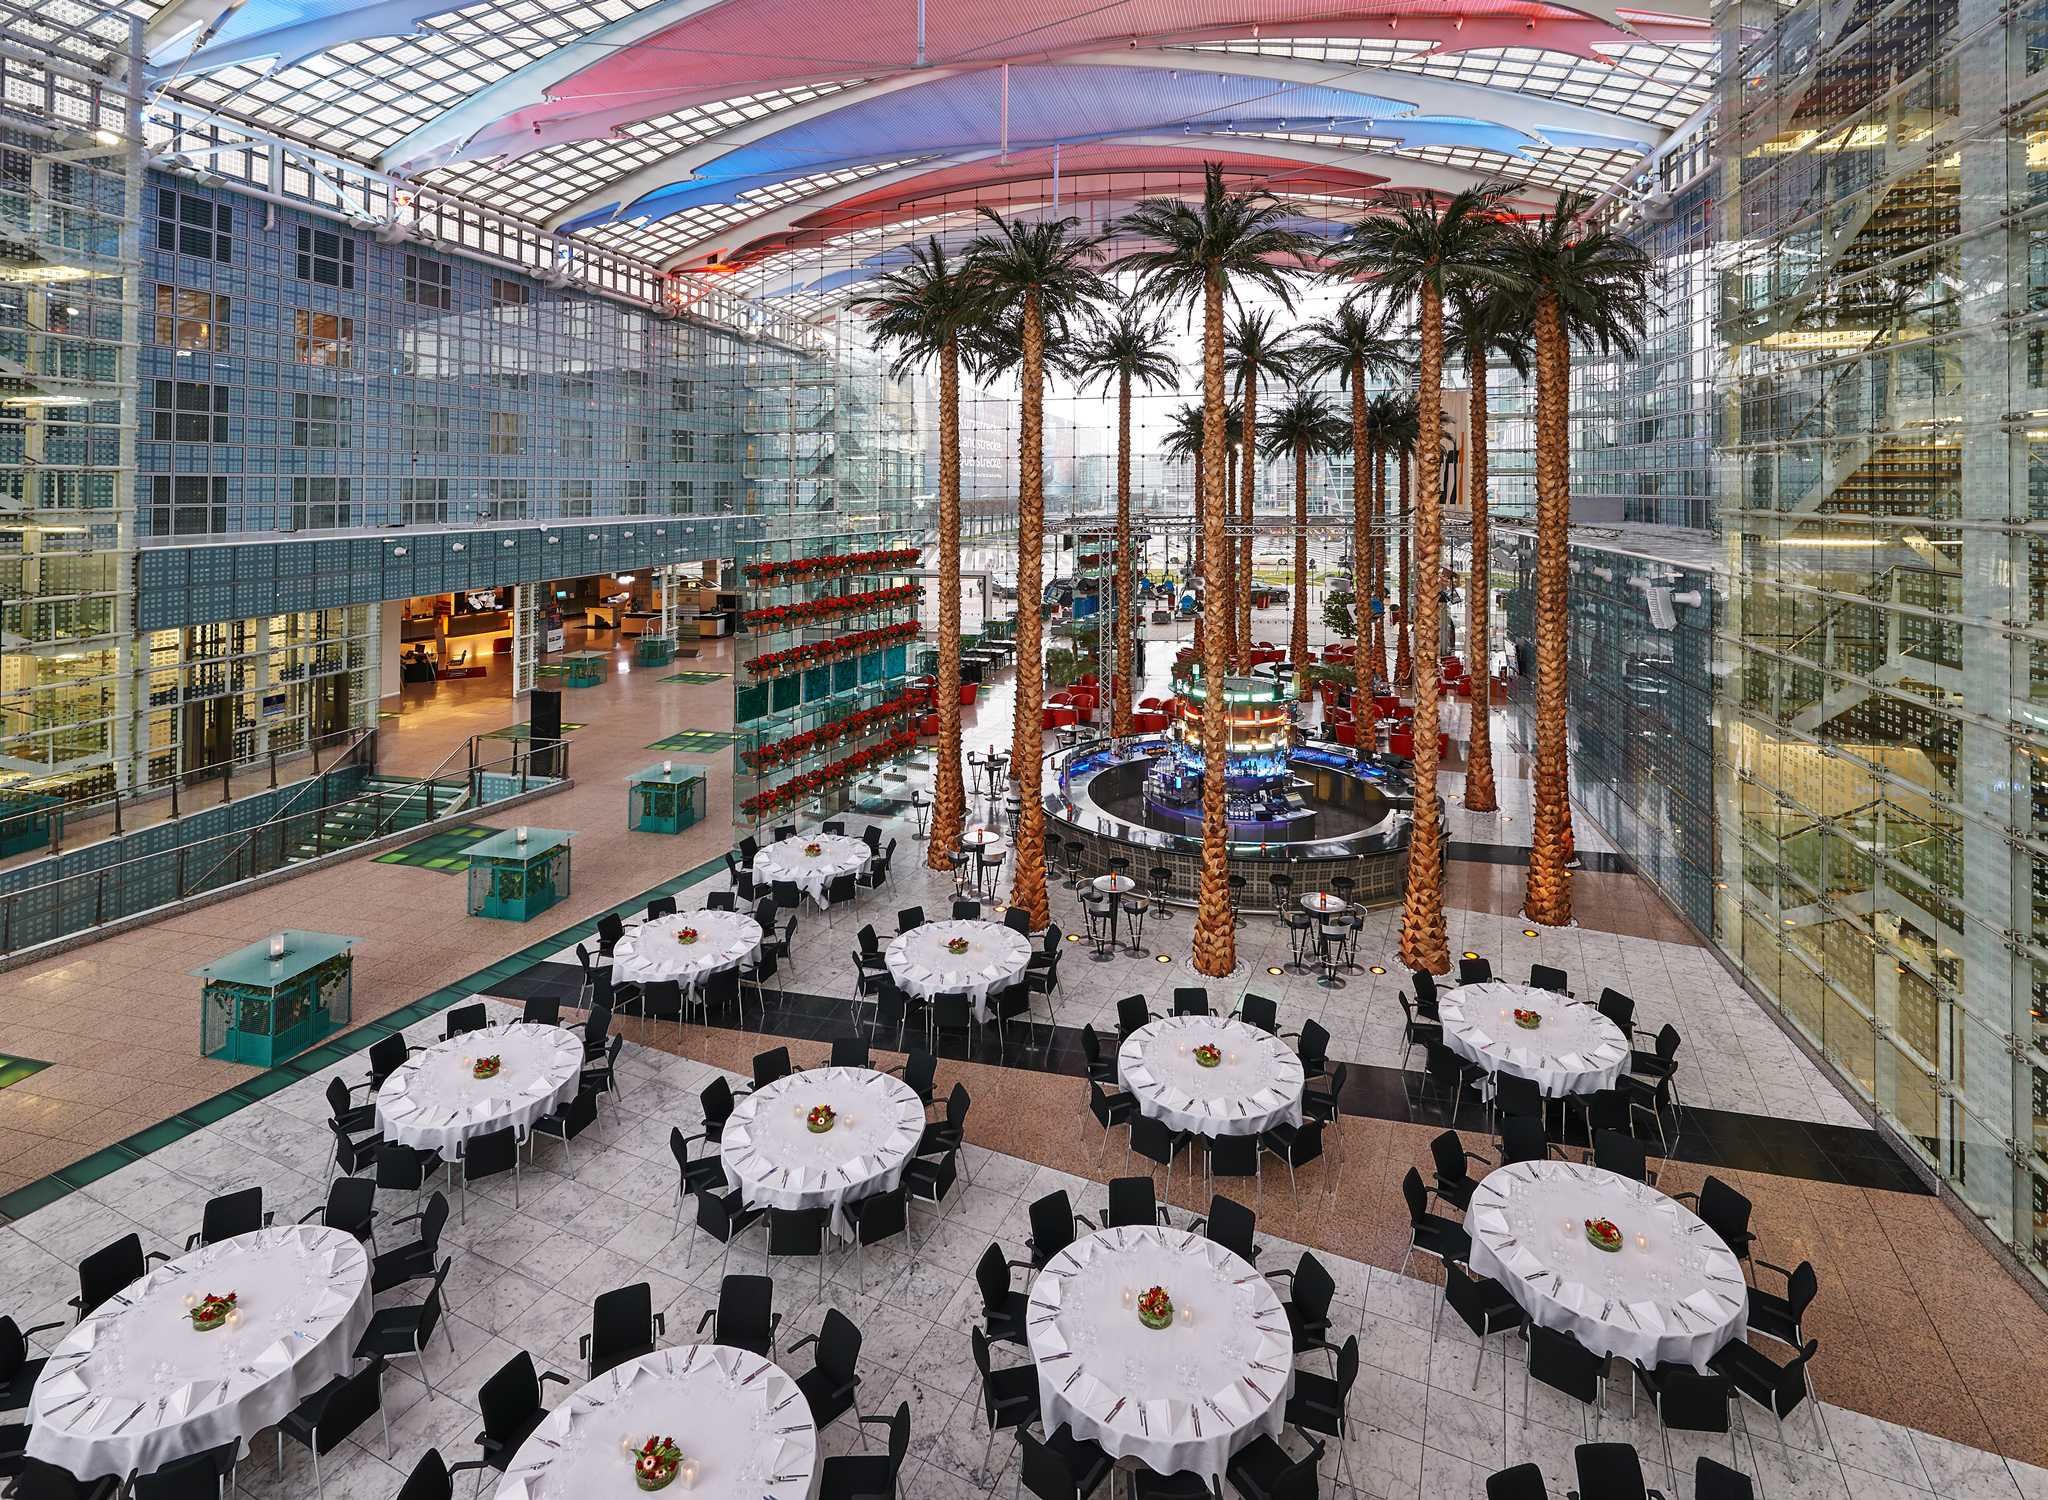 Hilton Hotel Munchen Airport